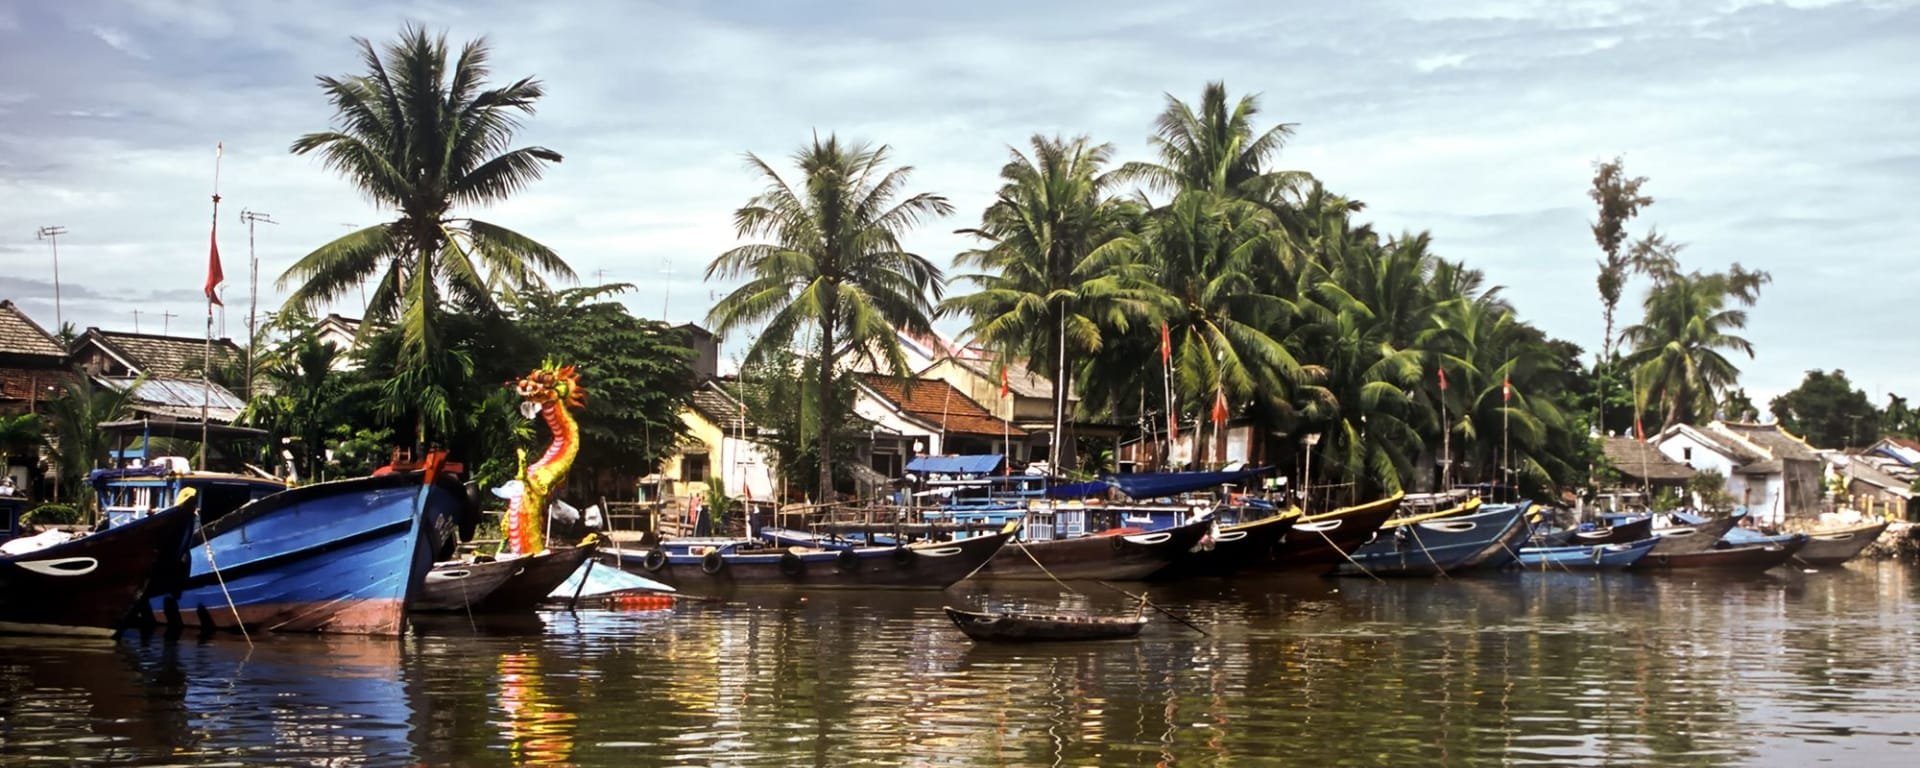 Croisières fluviales dans le delta du Mékong avec «Mekong Eyes» de Saigon: Mekong Delta: